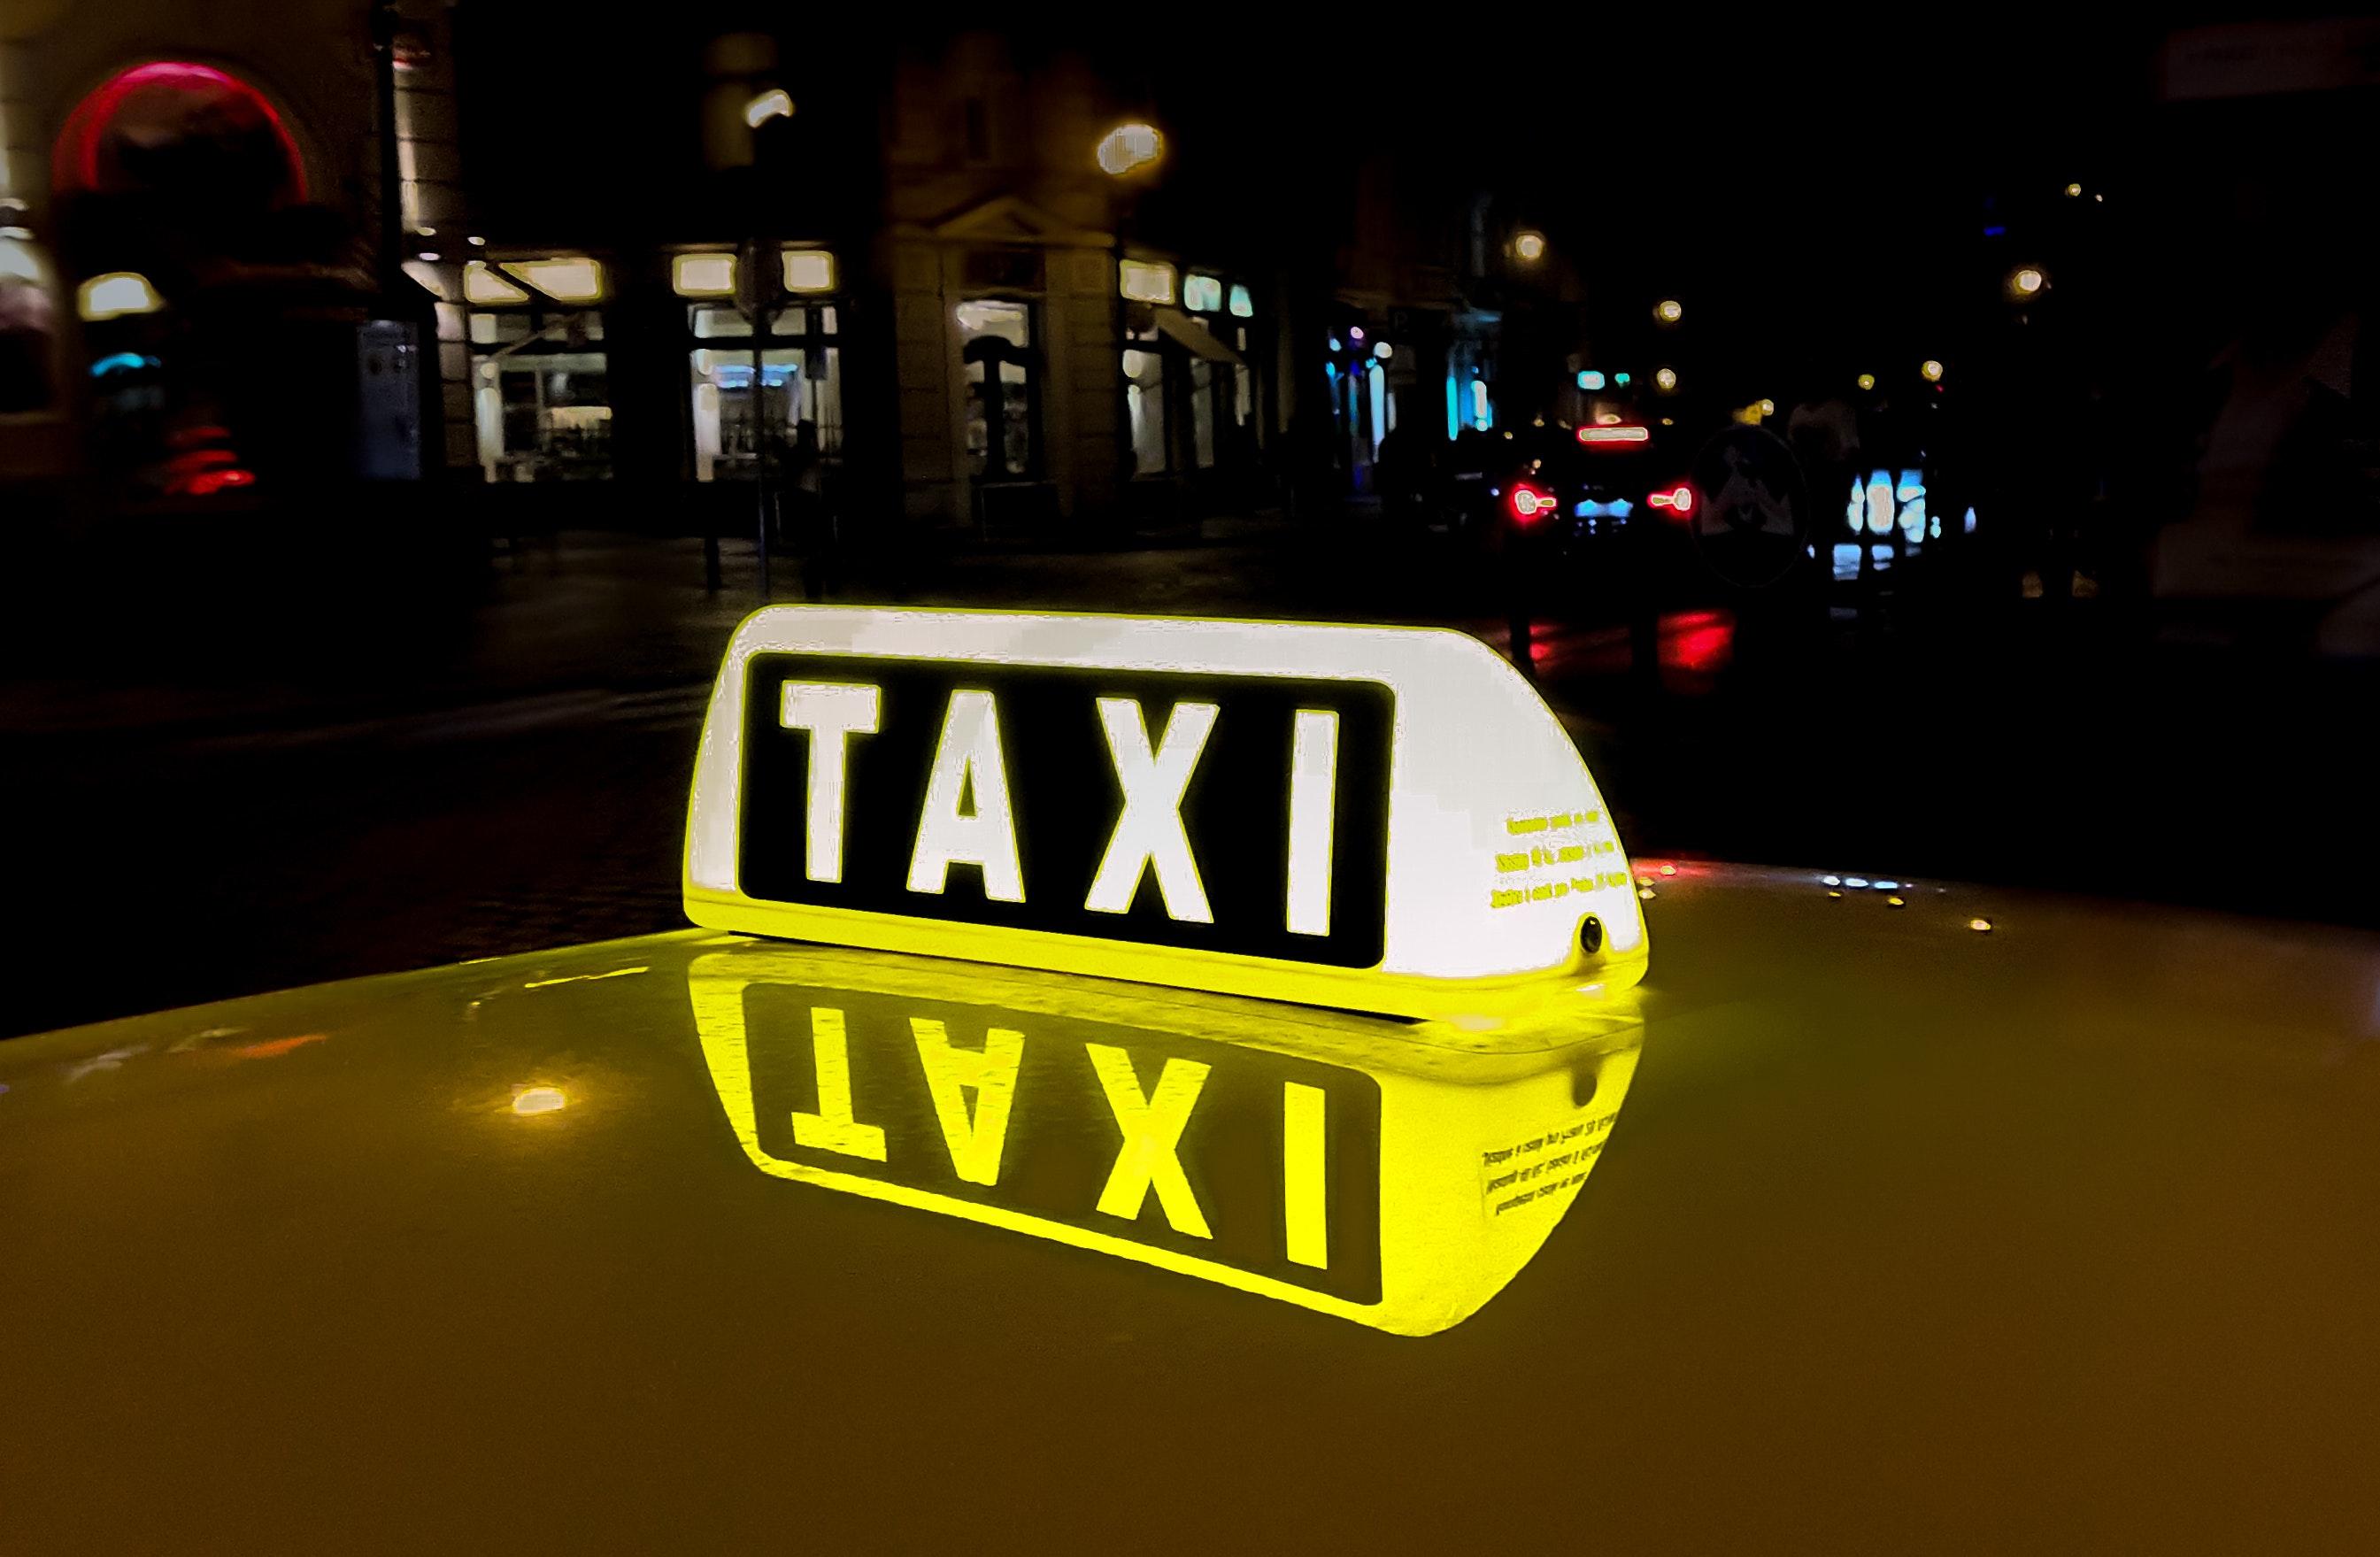 Kompromiss beendet Streit: Berliner Taxis dürfen bald am BER laden